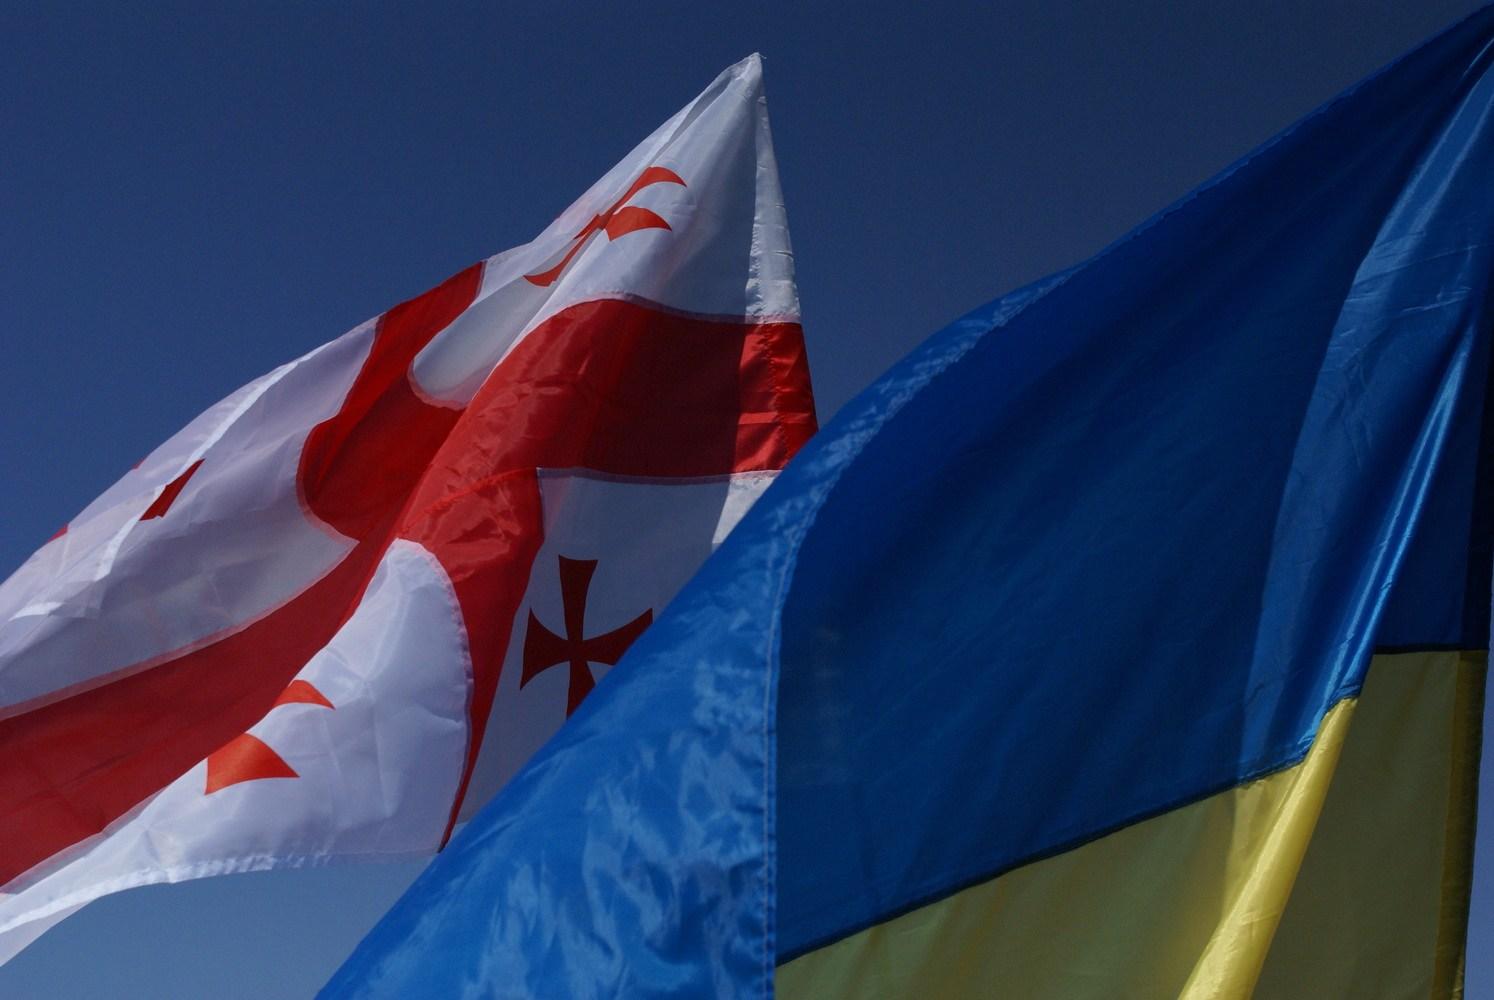 Україна та Грузія просять світ підтримати їхню цілісність через агресію Росії